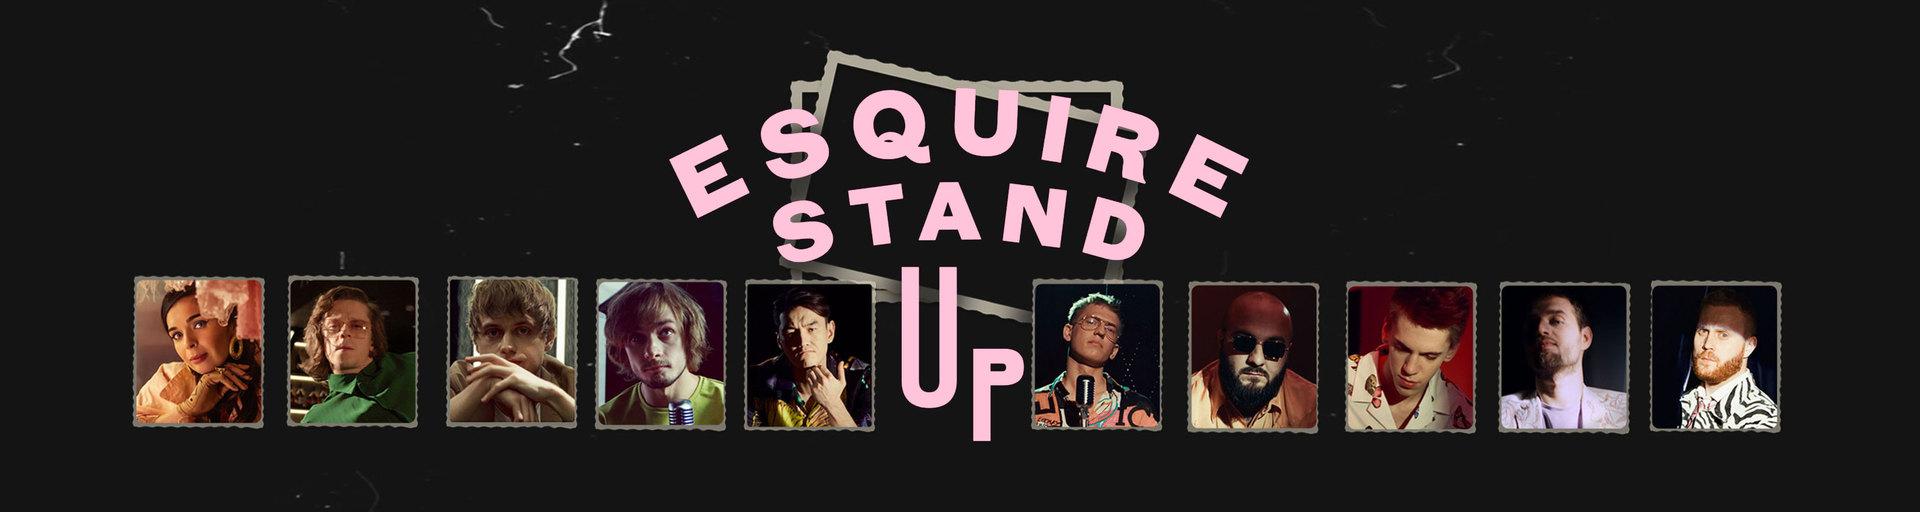 Esquire Stand Up: проект остендапе вРоссии — ио тех, кто его делает